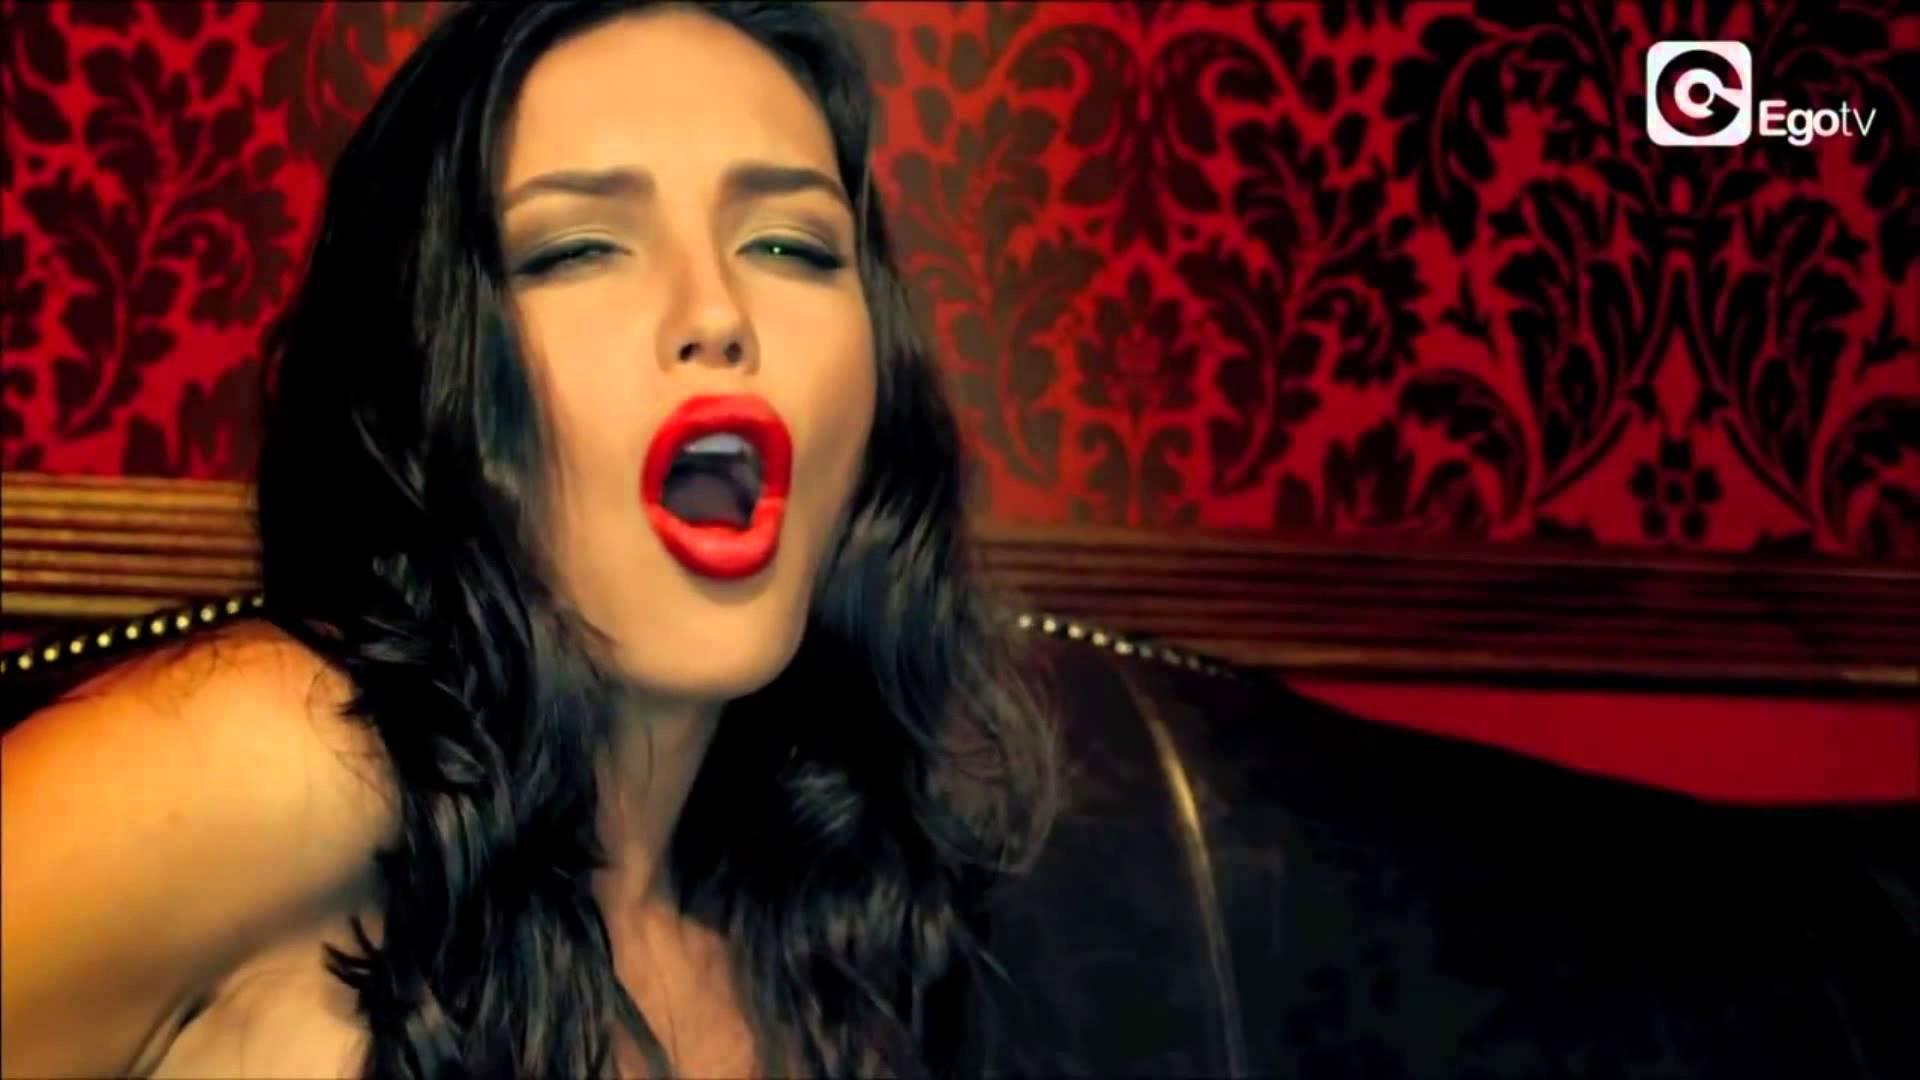 Горяченькие фотоснимки Елена Темникова с элементами секса